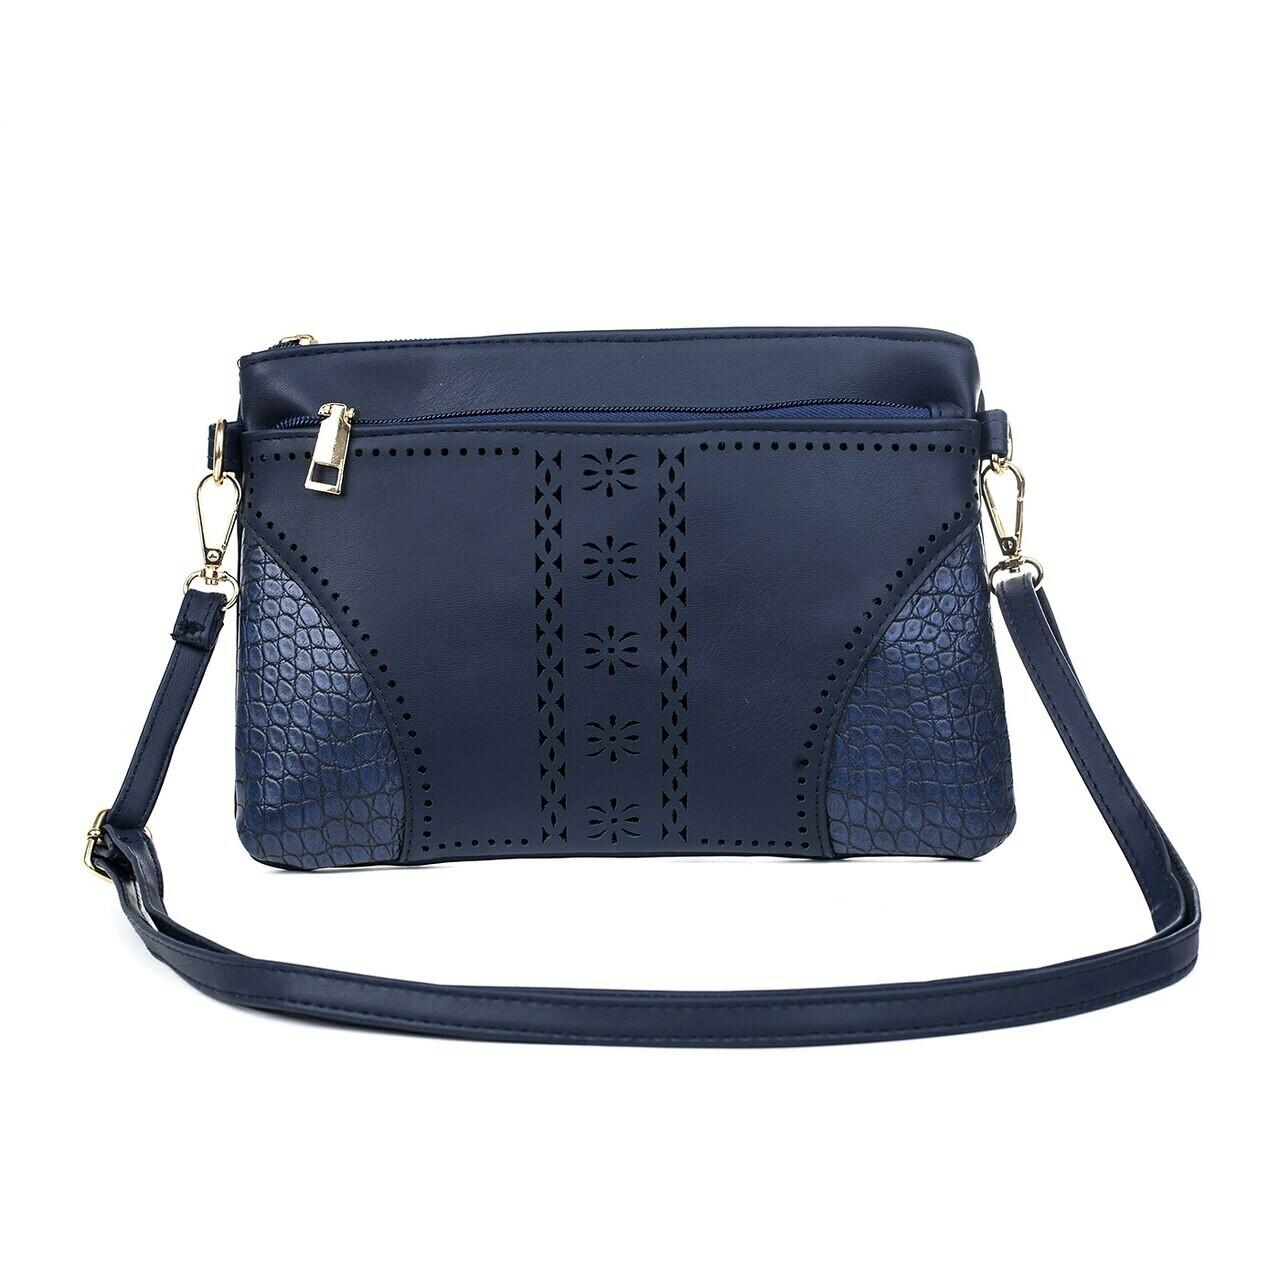 Navy Clutch/Shoulder Bag